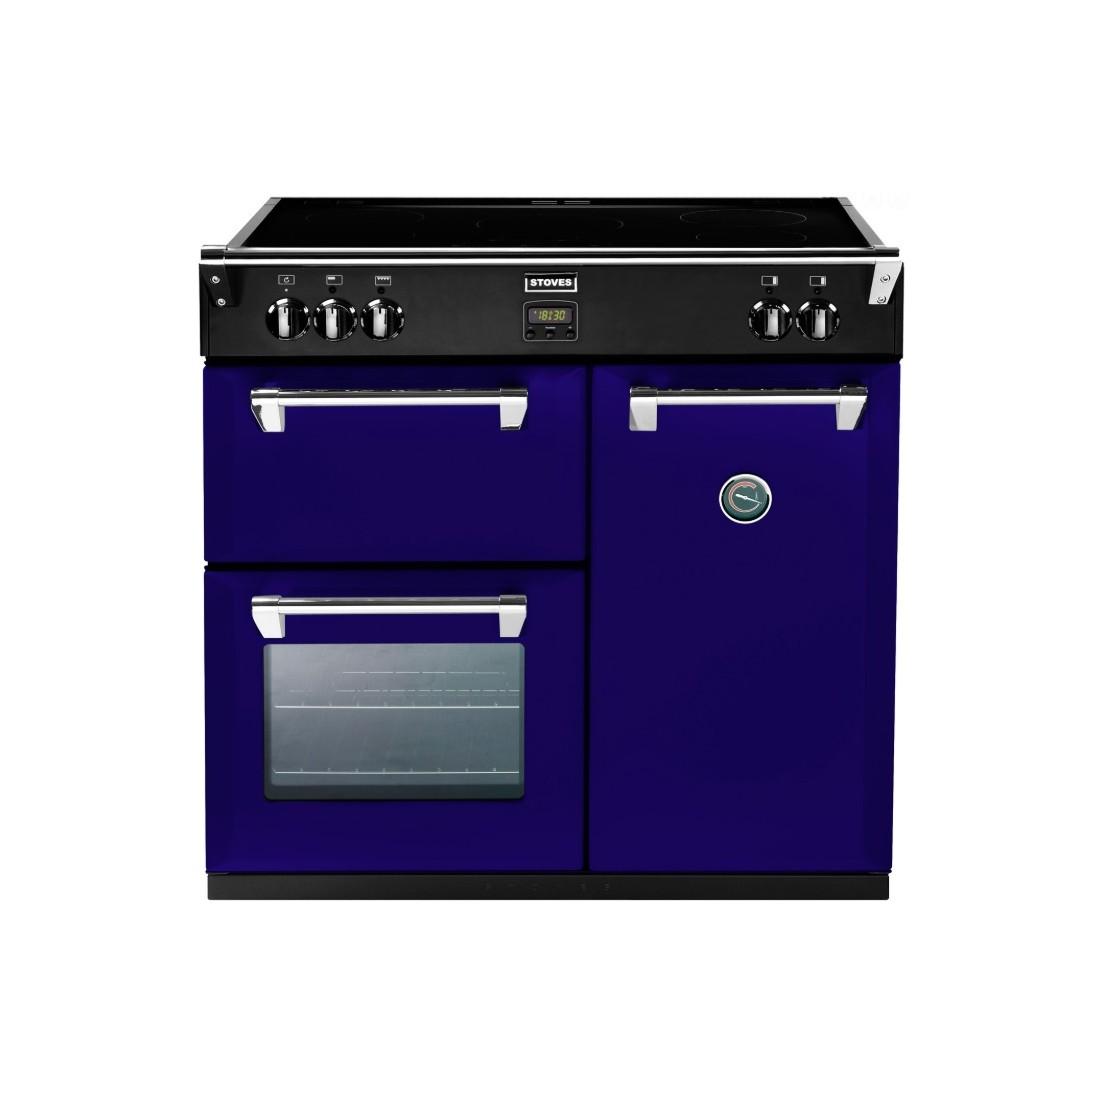 Piano De Cuisine Pas Cher piano de cuisson stoves 90cm induction pas cher chez